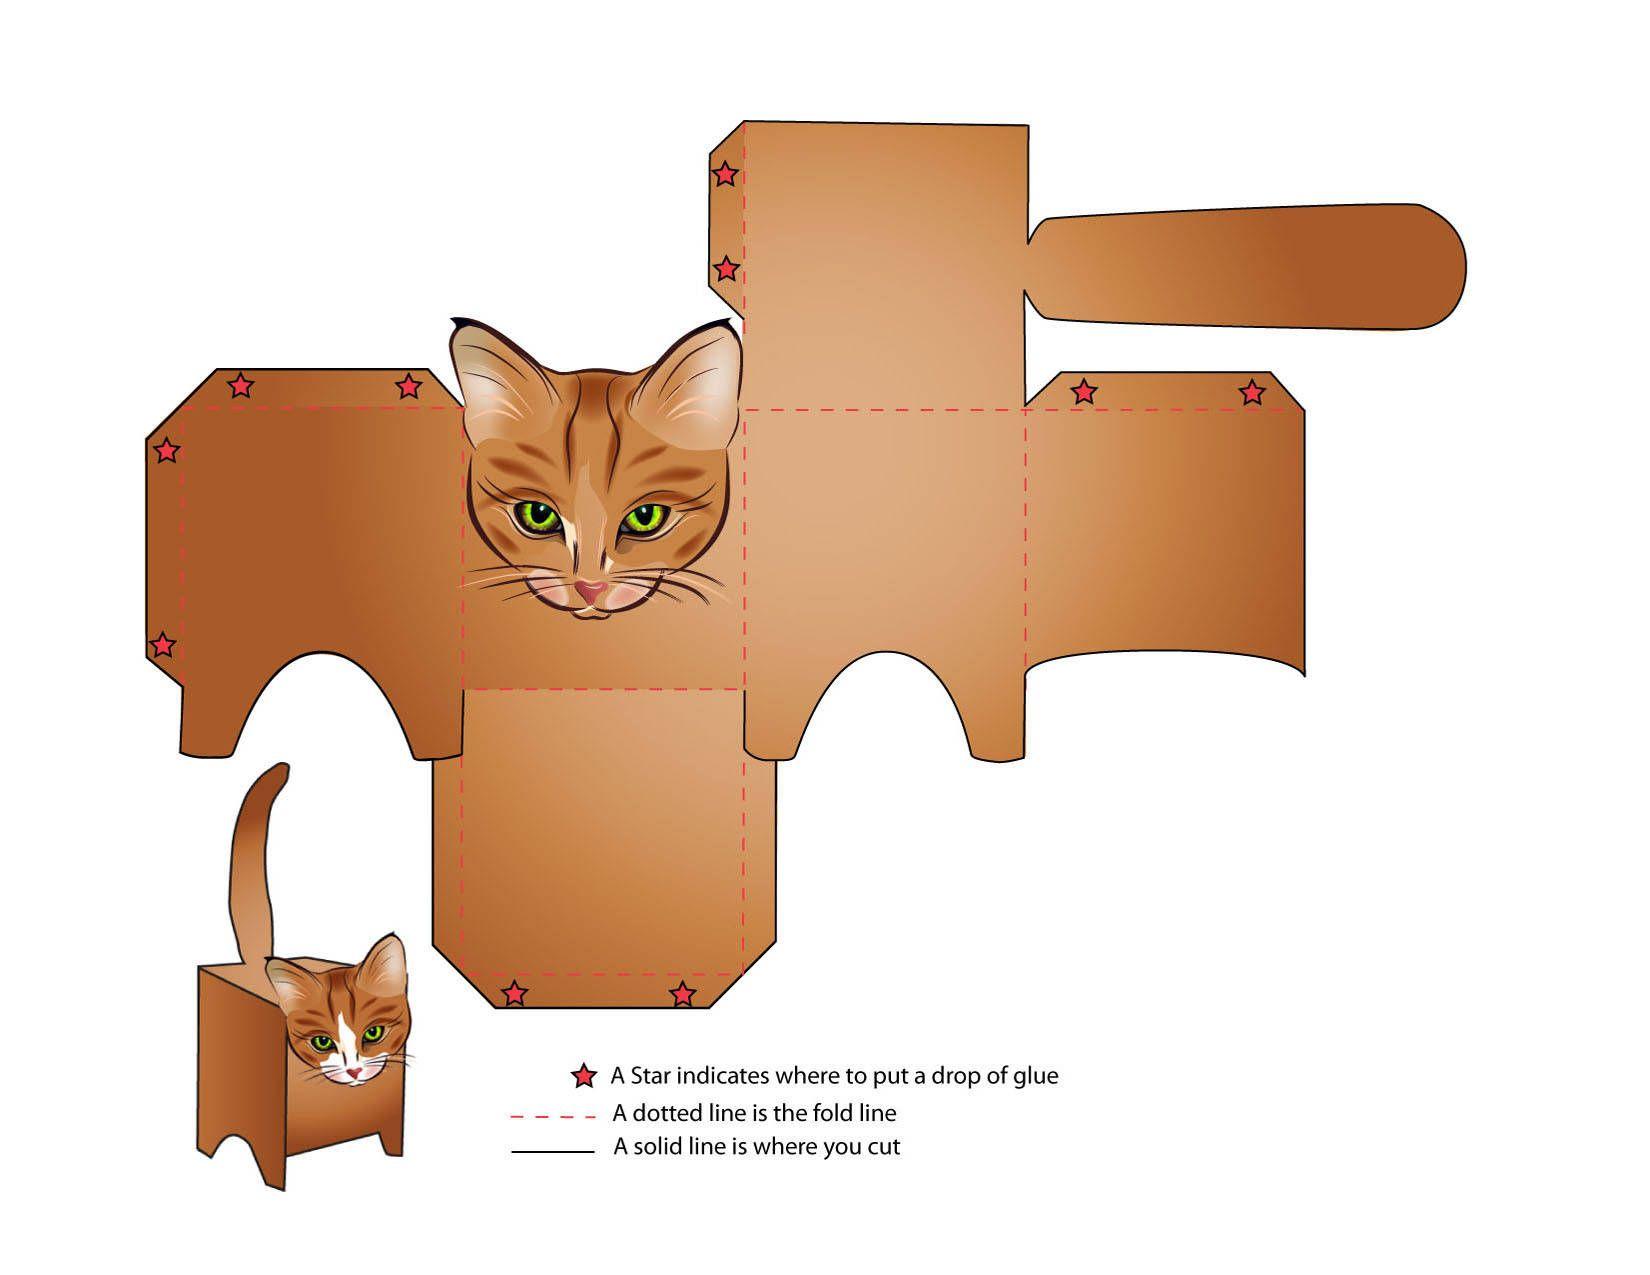 направляющие нужны картинки фигурки кошки из бумаги что про